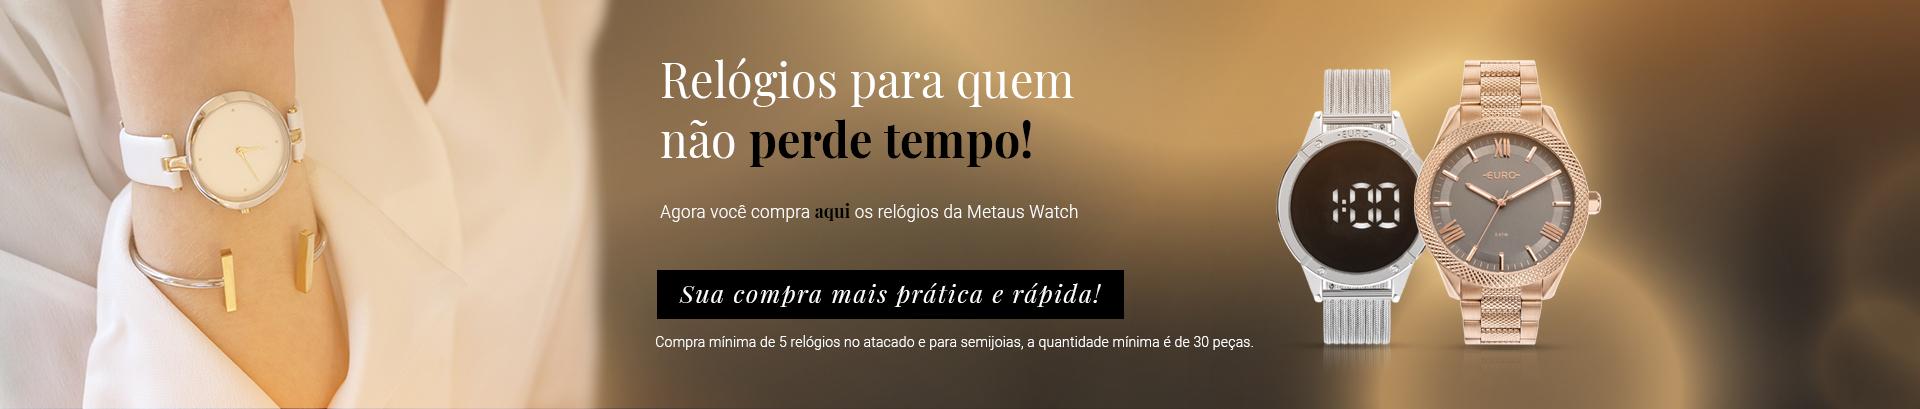 Metaus Watch